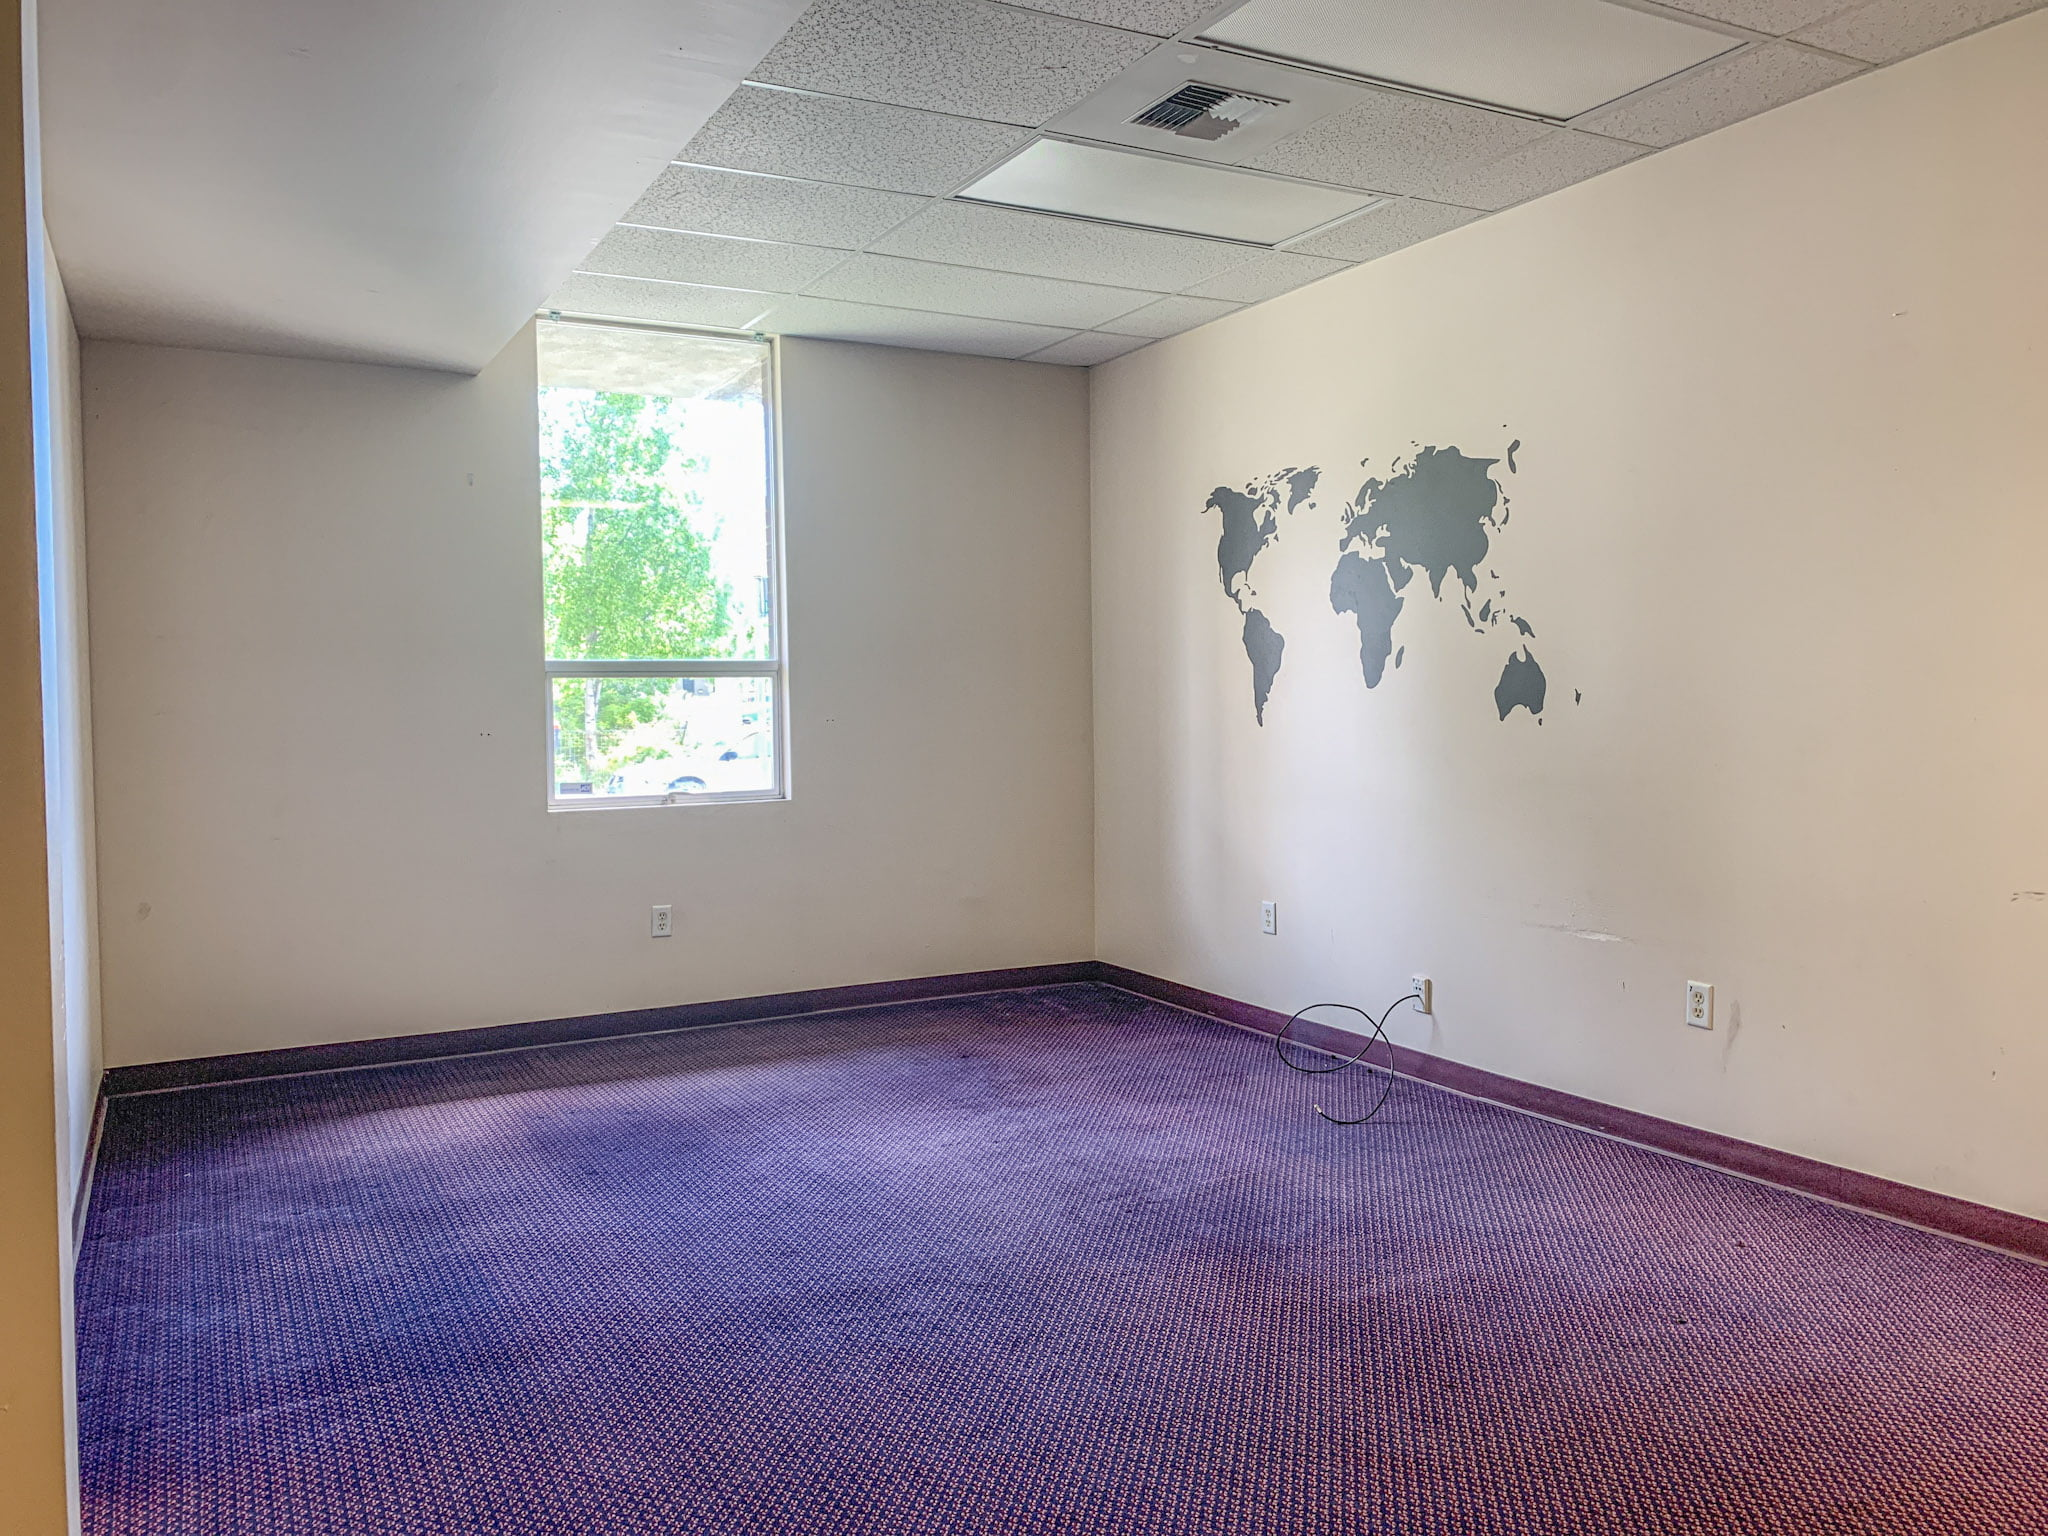 921 W 6th Ave - interior 1